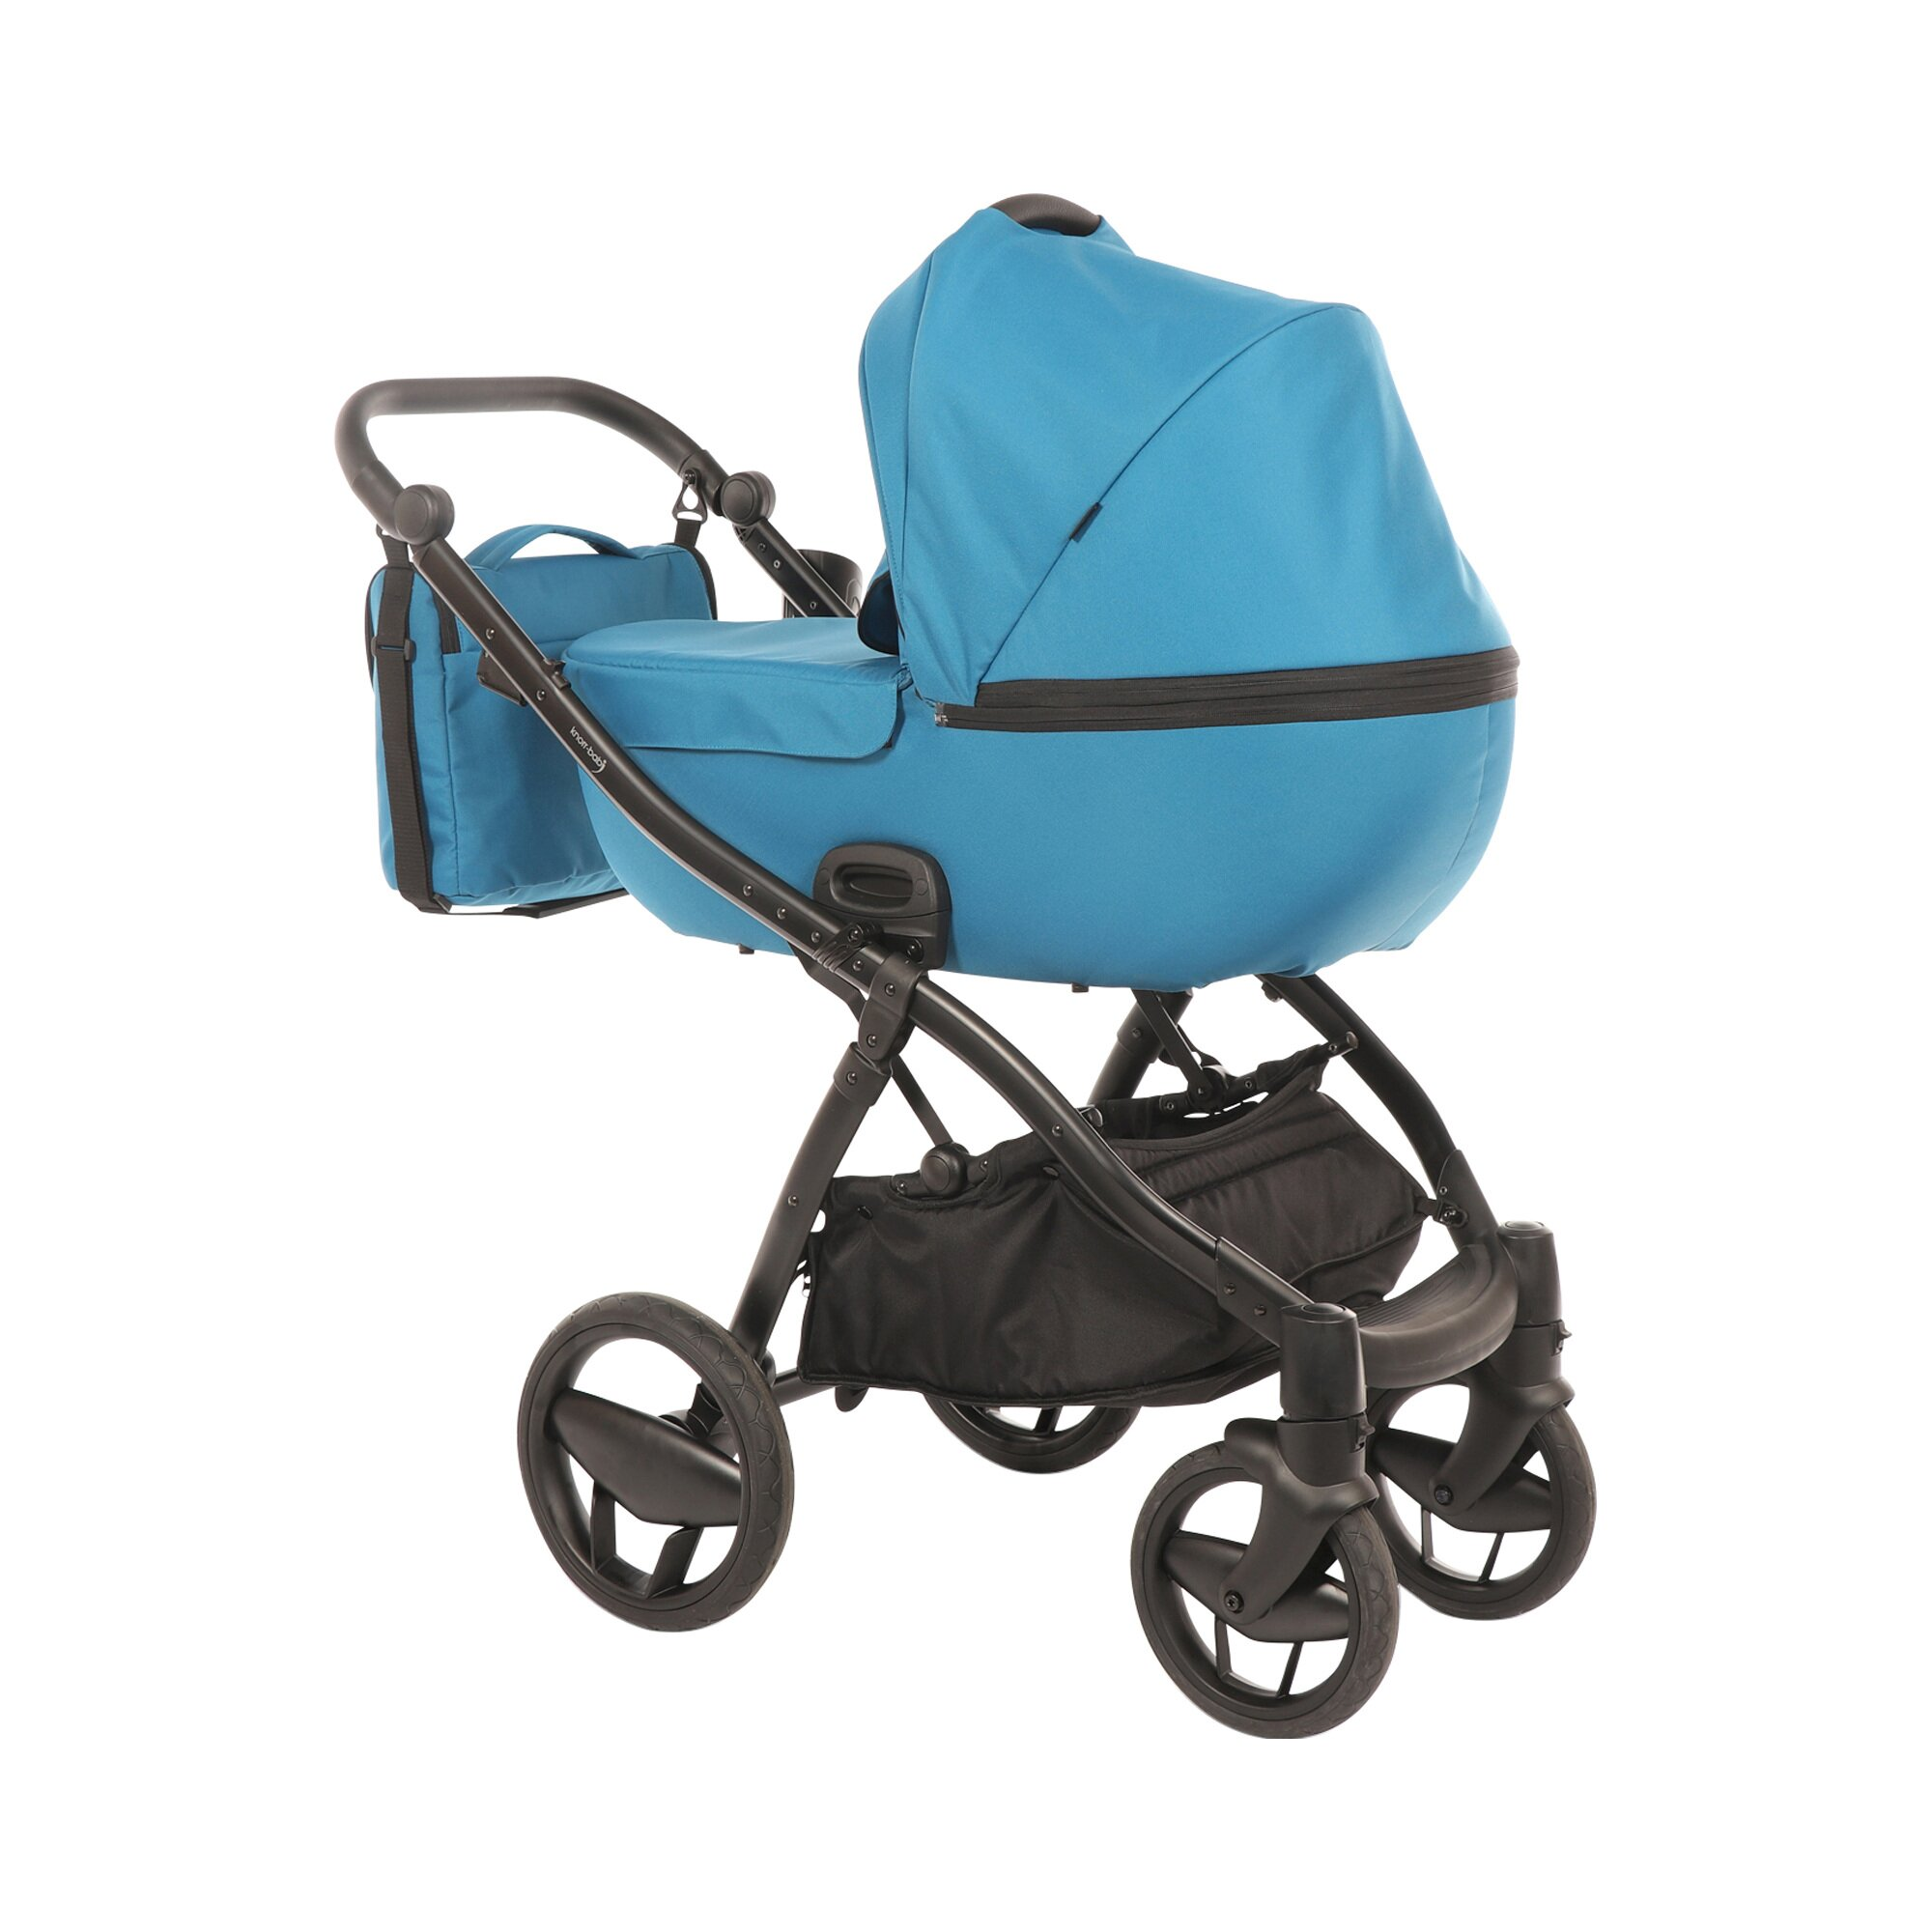 knorr-baby-piquetto-kombikinderwagen-blau